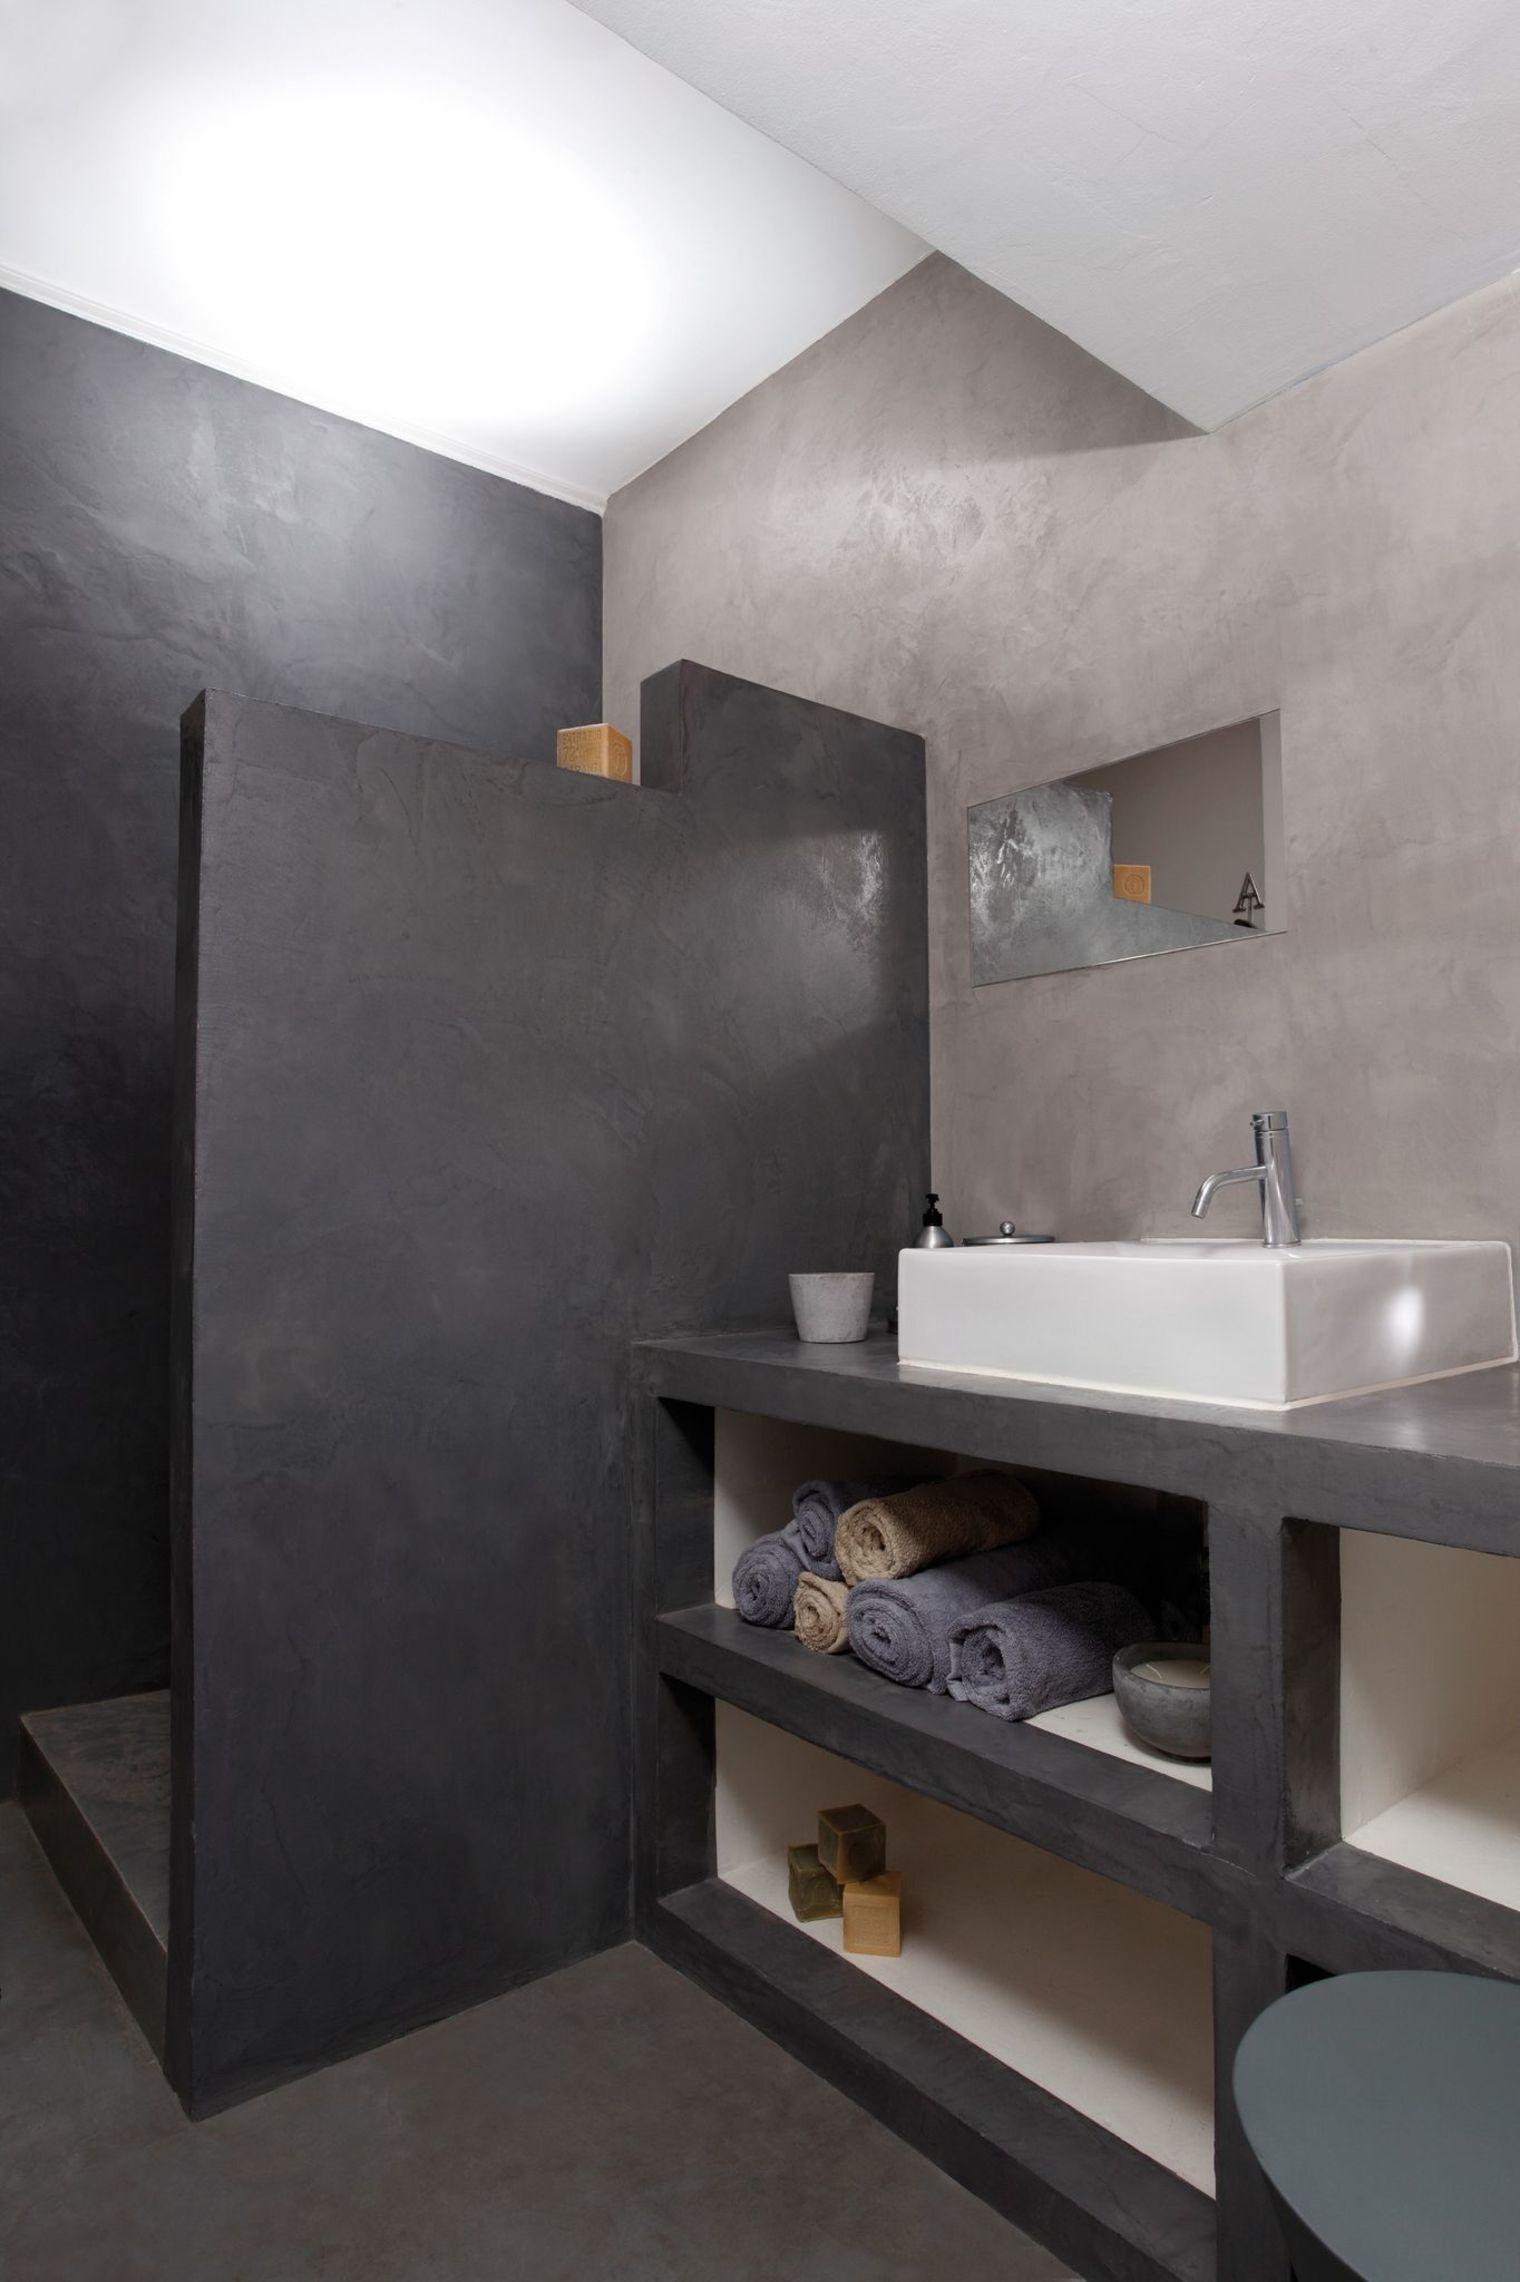 Petite salle de bain douche italienne for Plan de salle de bain avec douche